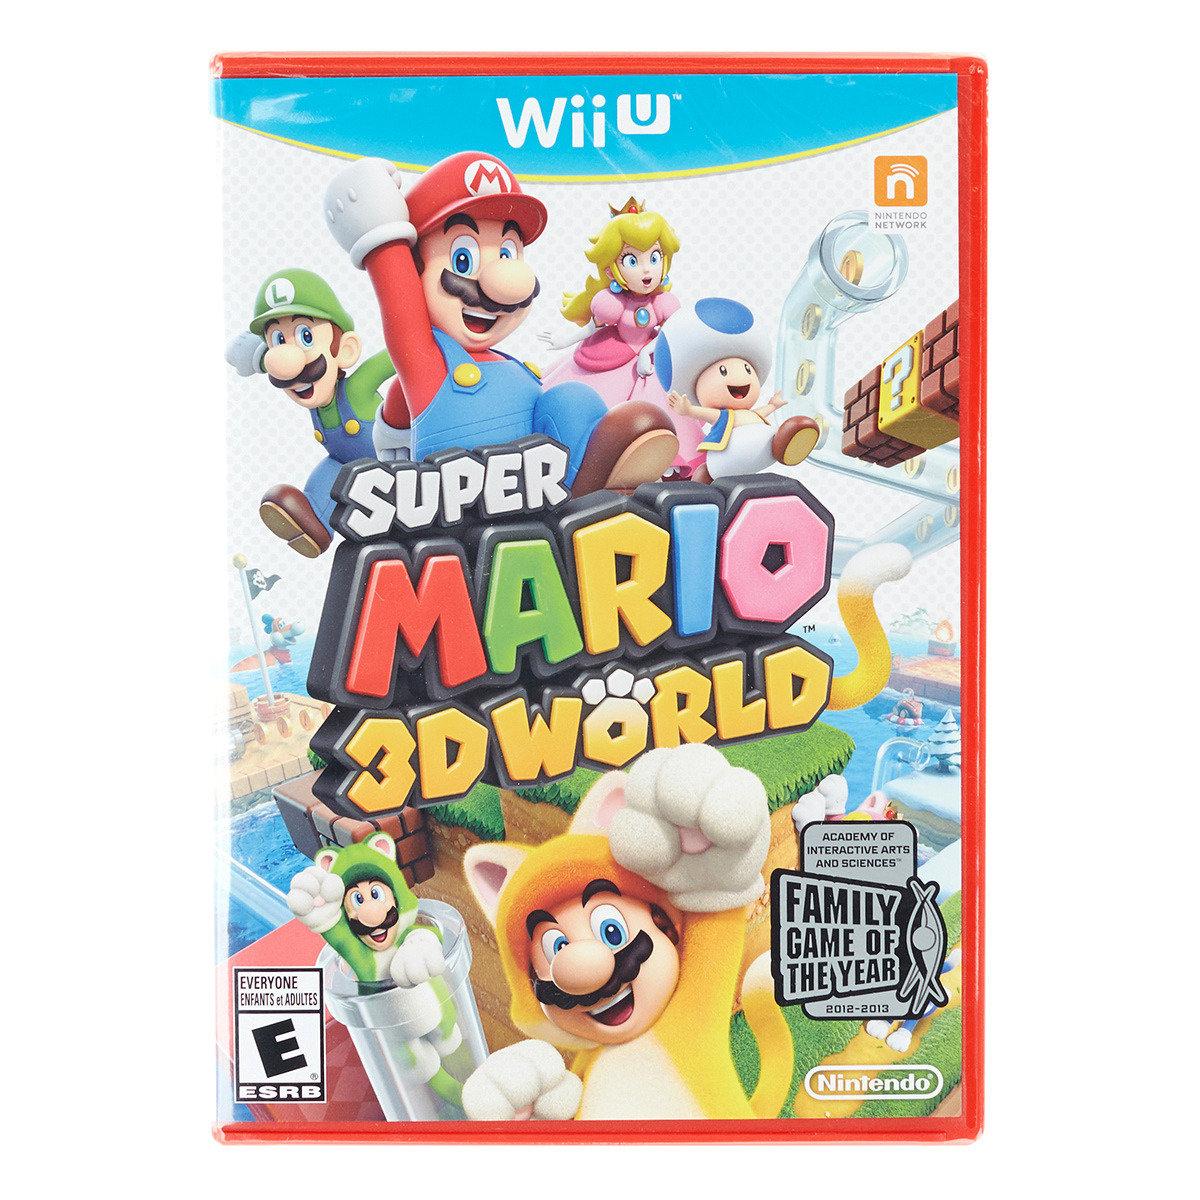 超級瑪利歐 3D 世界 (美版)